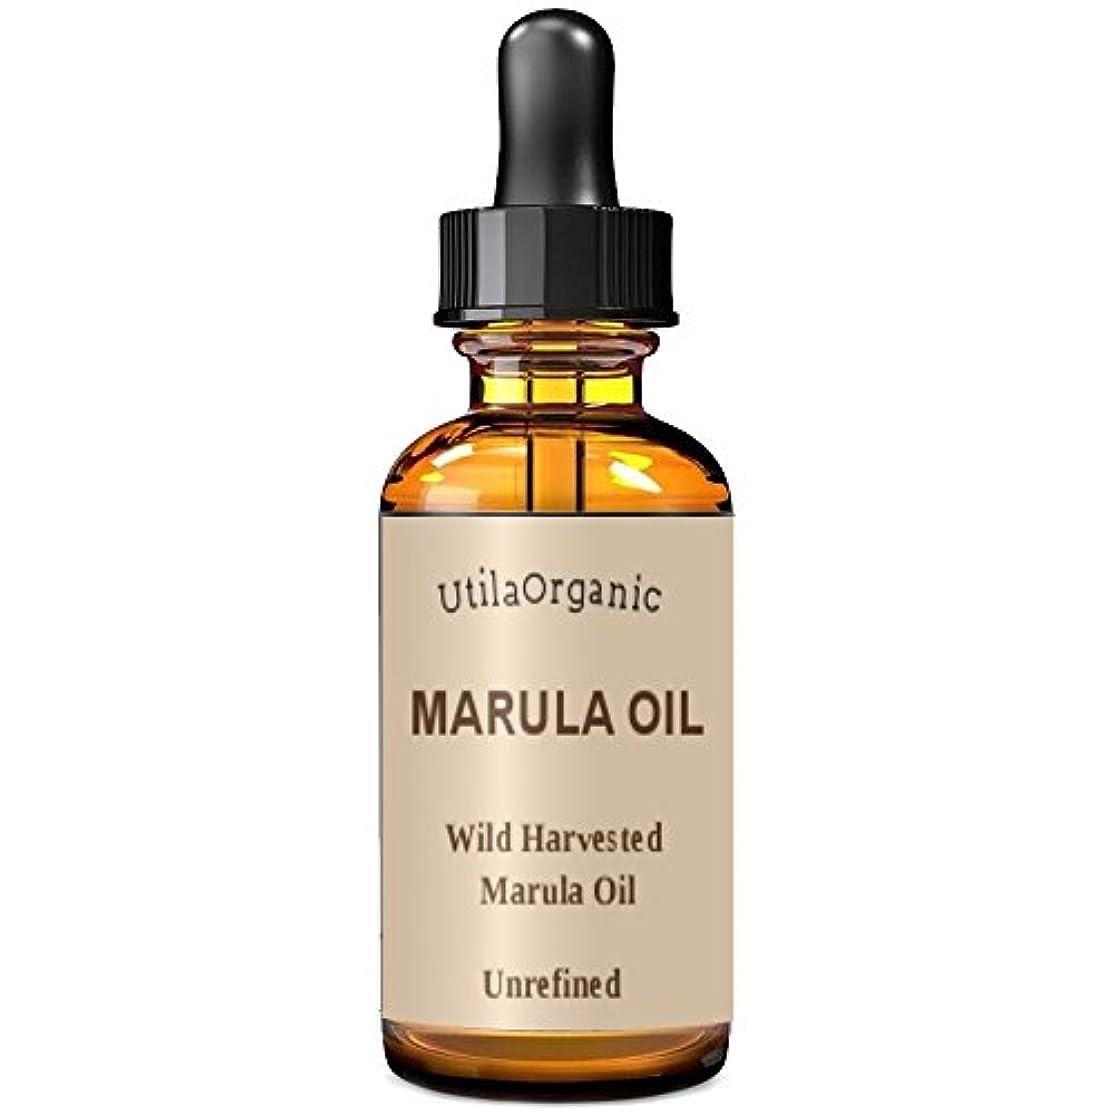 繊毛送ったによって未精製 マルラオイル 60ml Marula Oil 100% pure and natural 【並行輸入品】